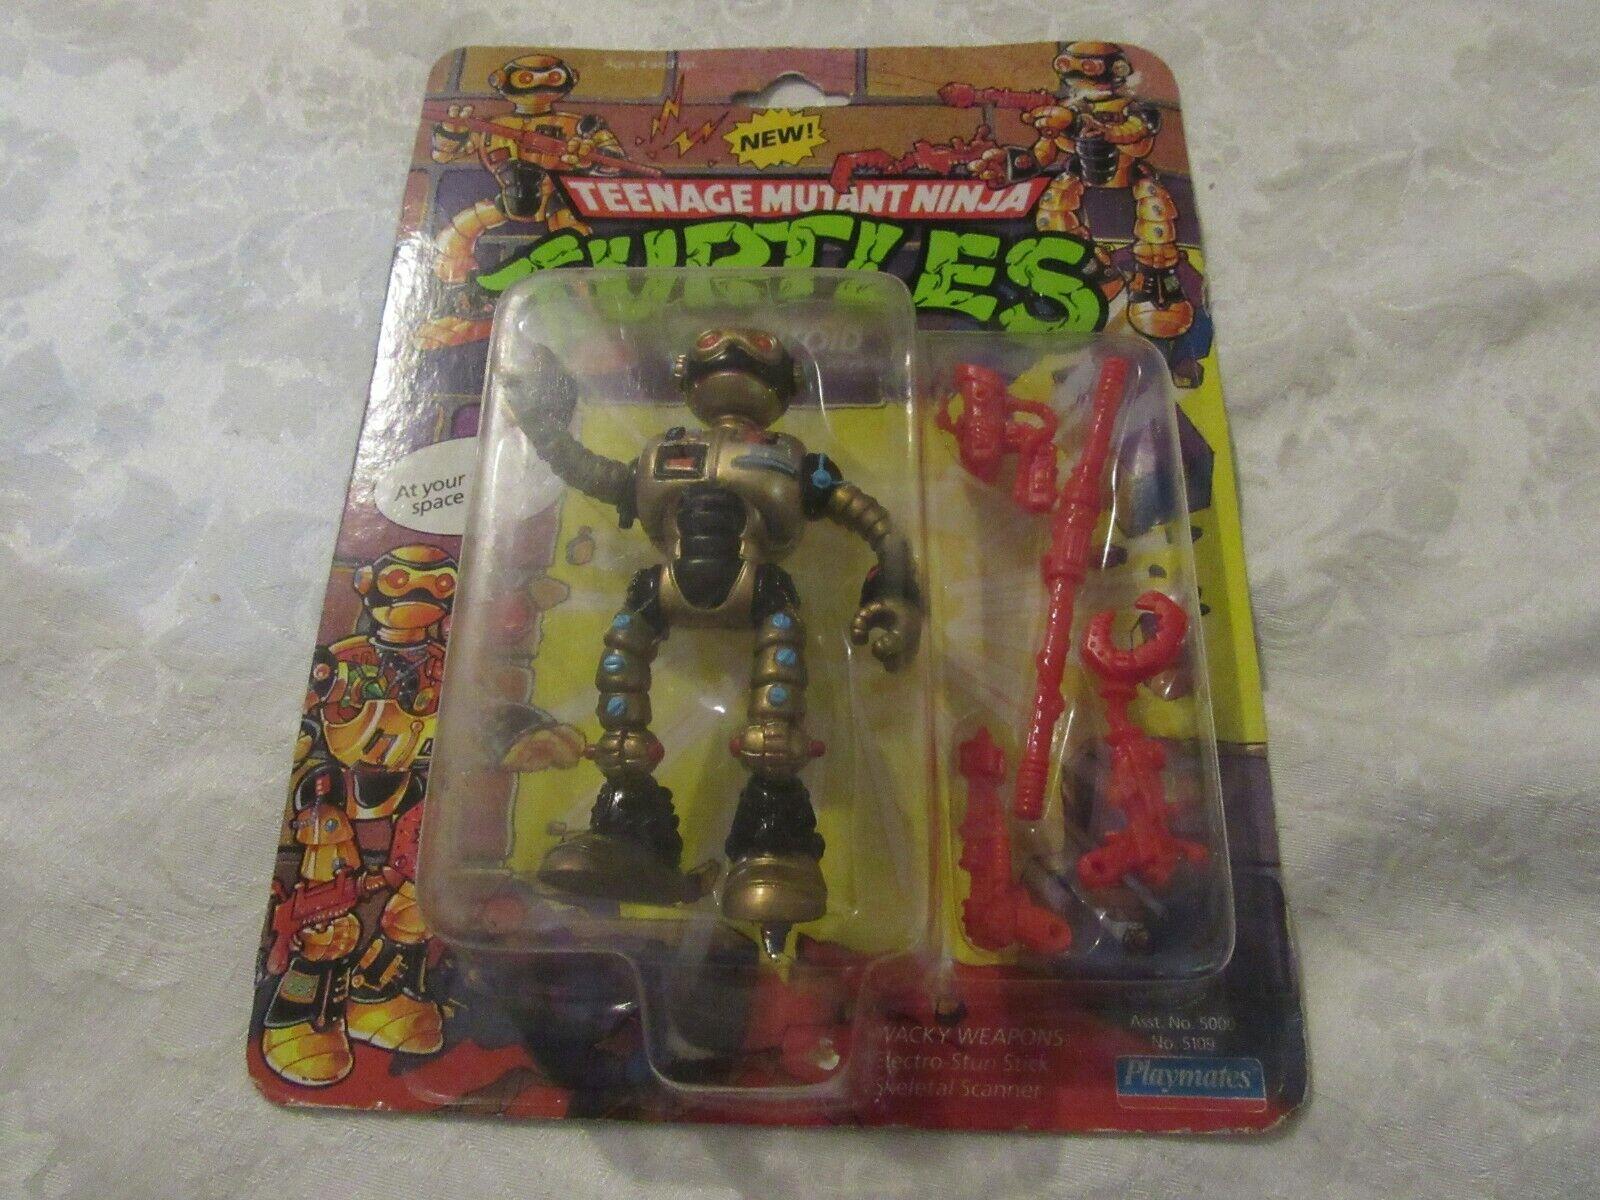 TMNT Teenage Mutant Ninja Turtles 1990 Fugitoid Kevin Eastman Peter Laird